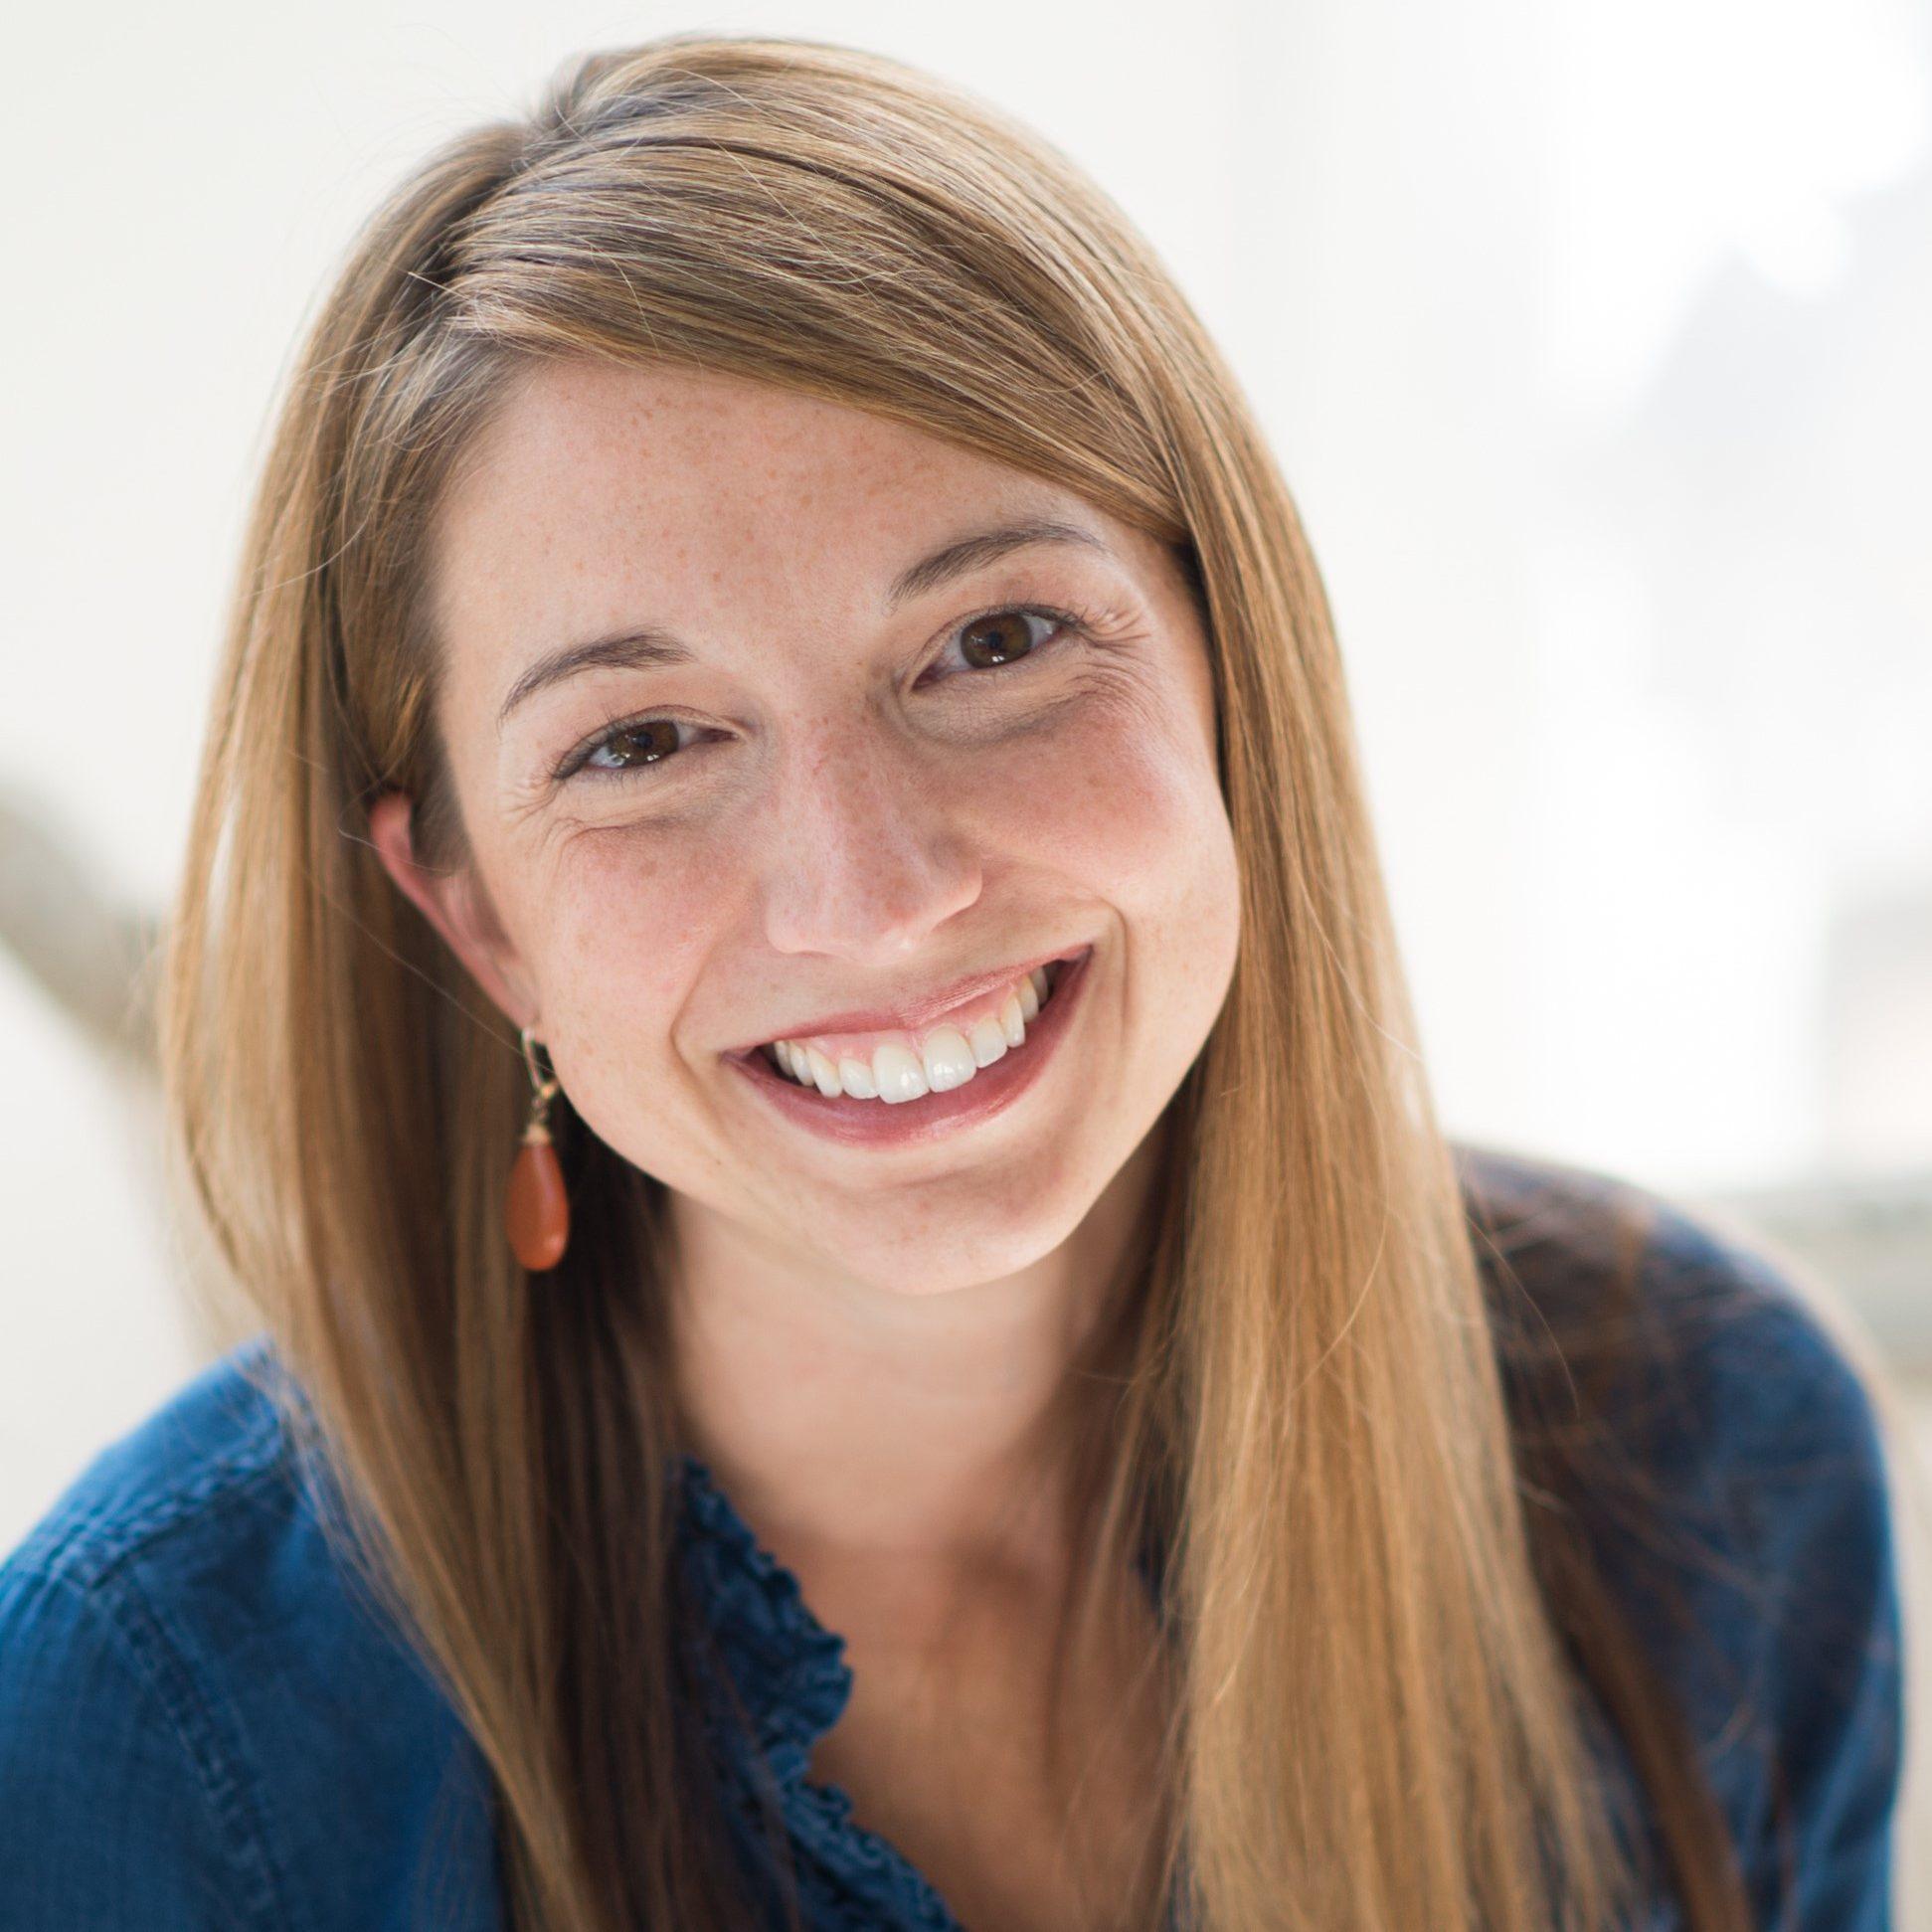 Photo of Kristen Ivy